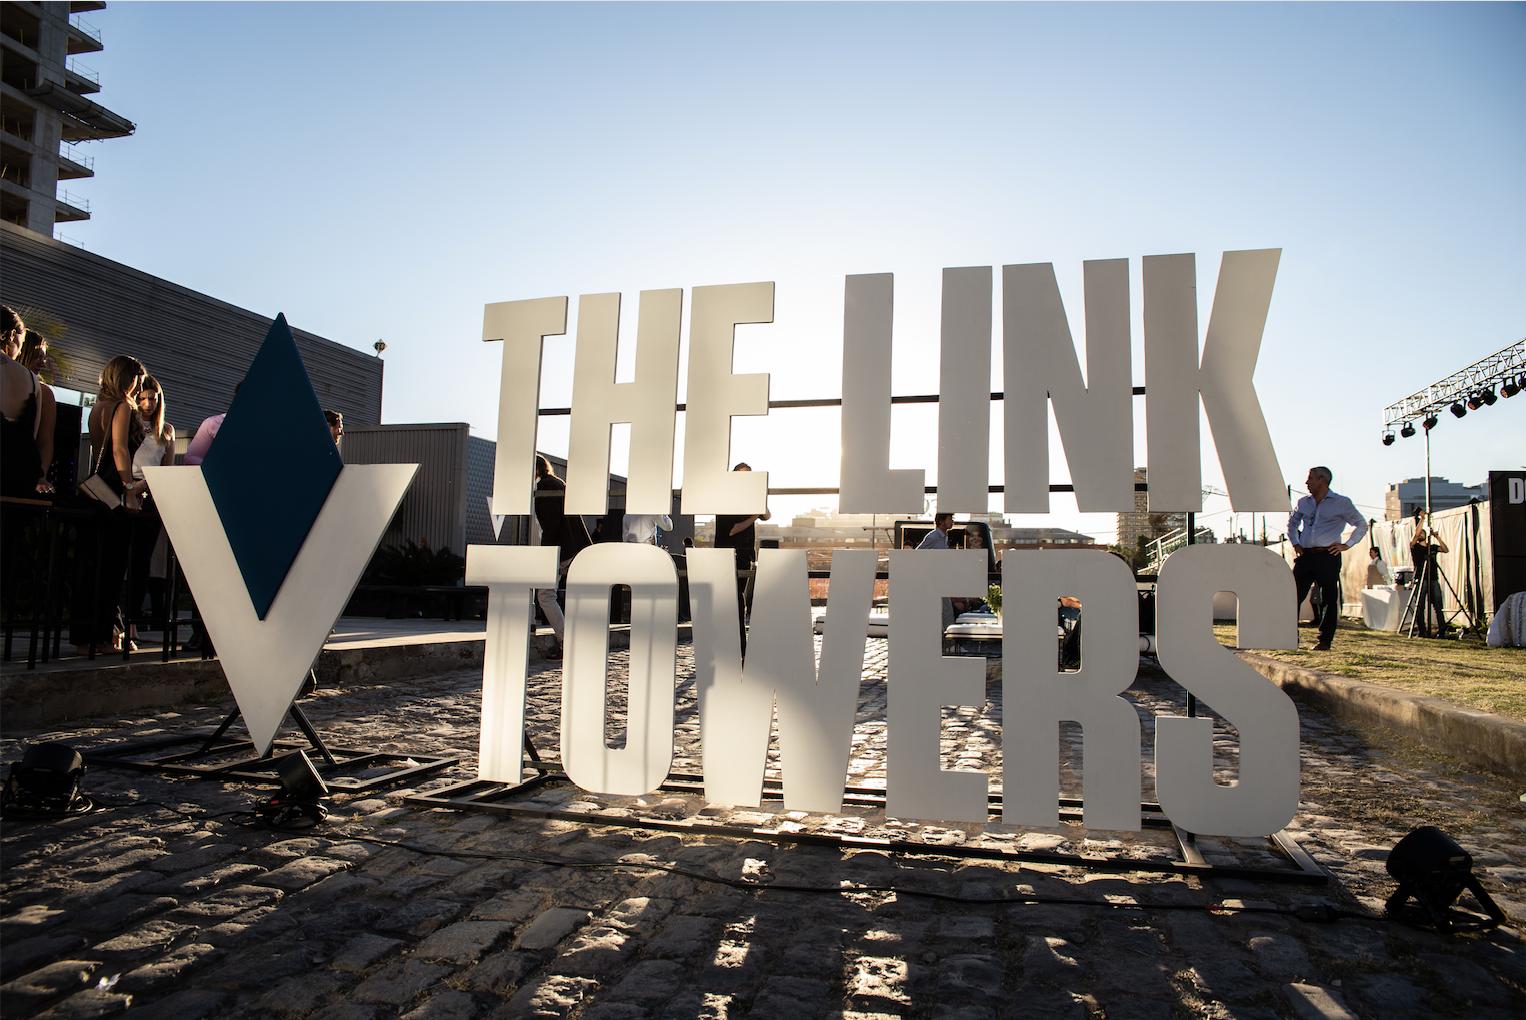 Diseño para propietarios exigentes y con buen gusto: THE LINK DESIGN